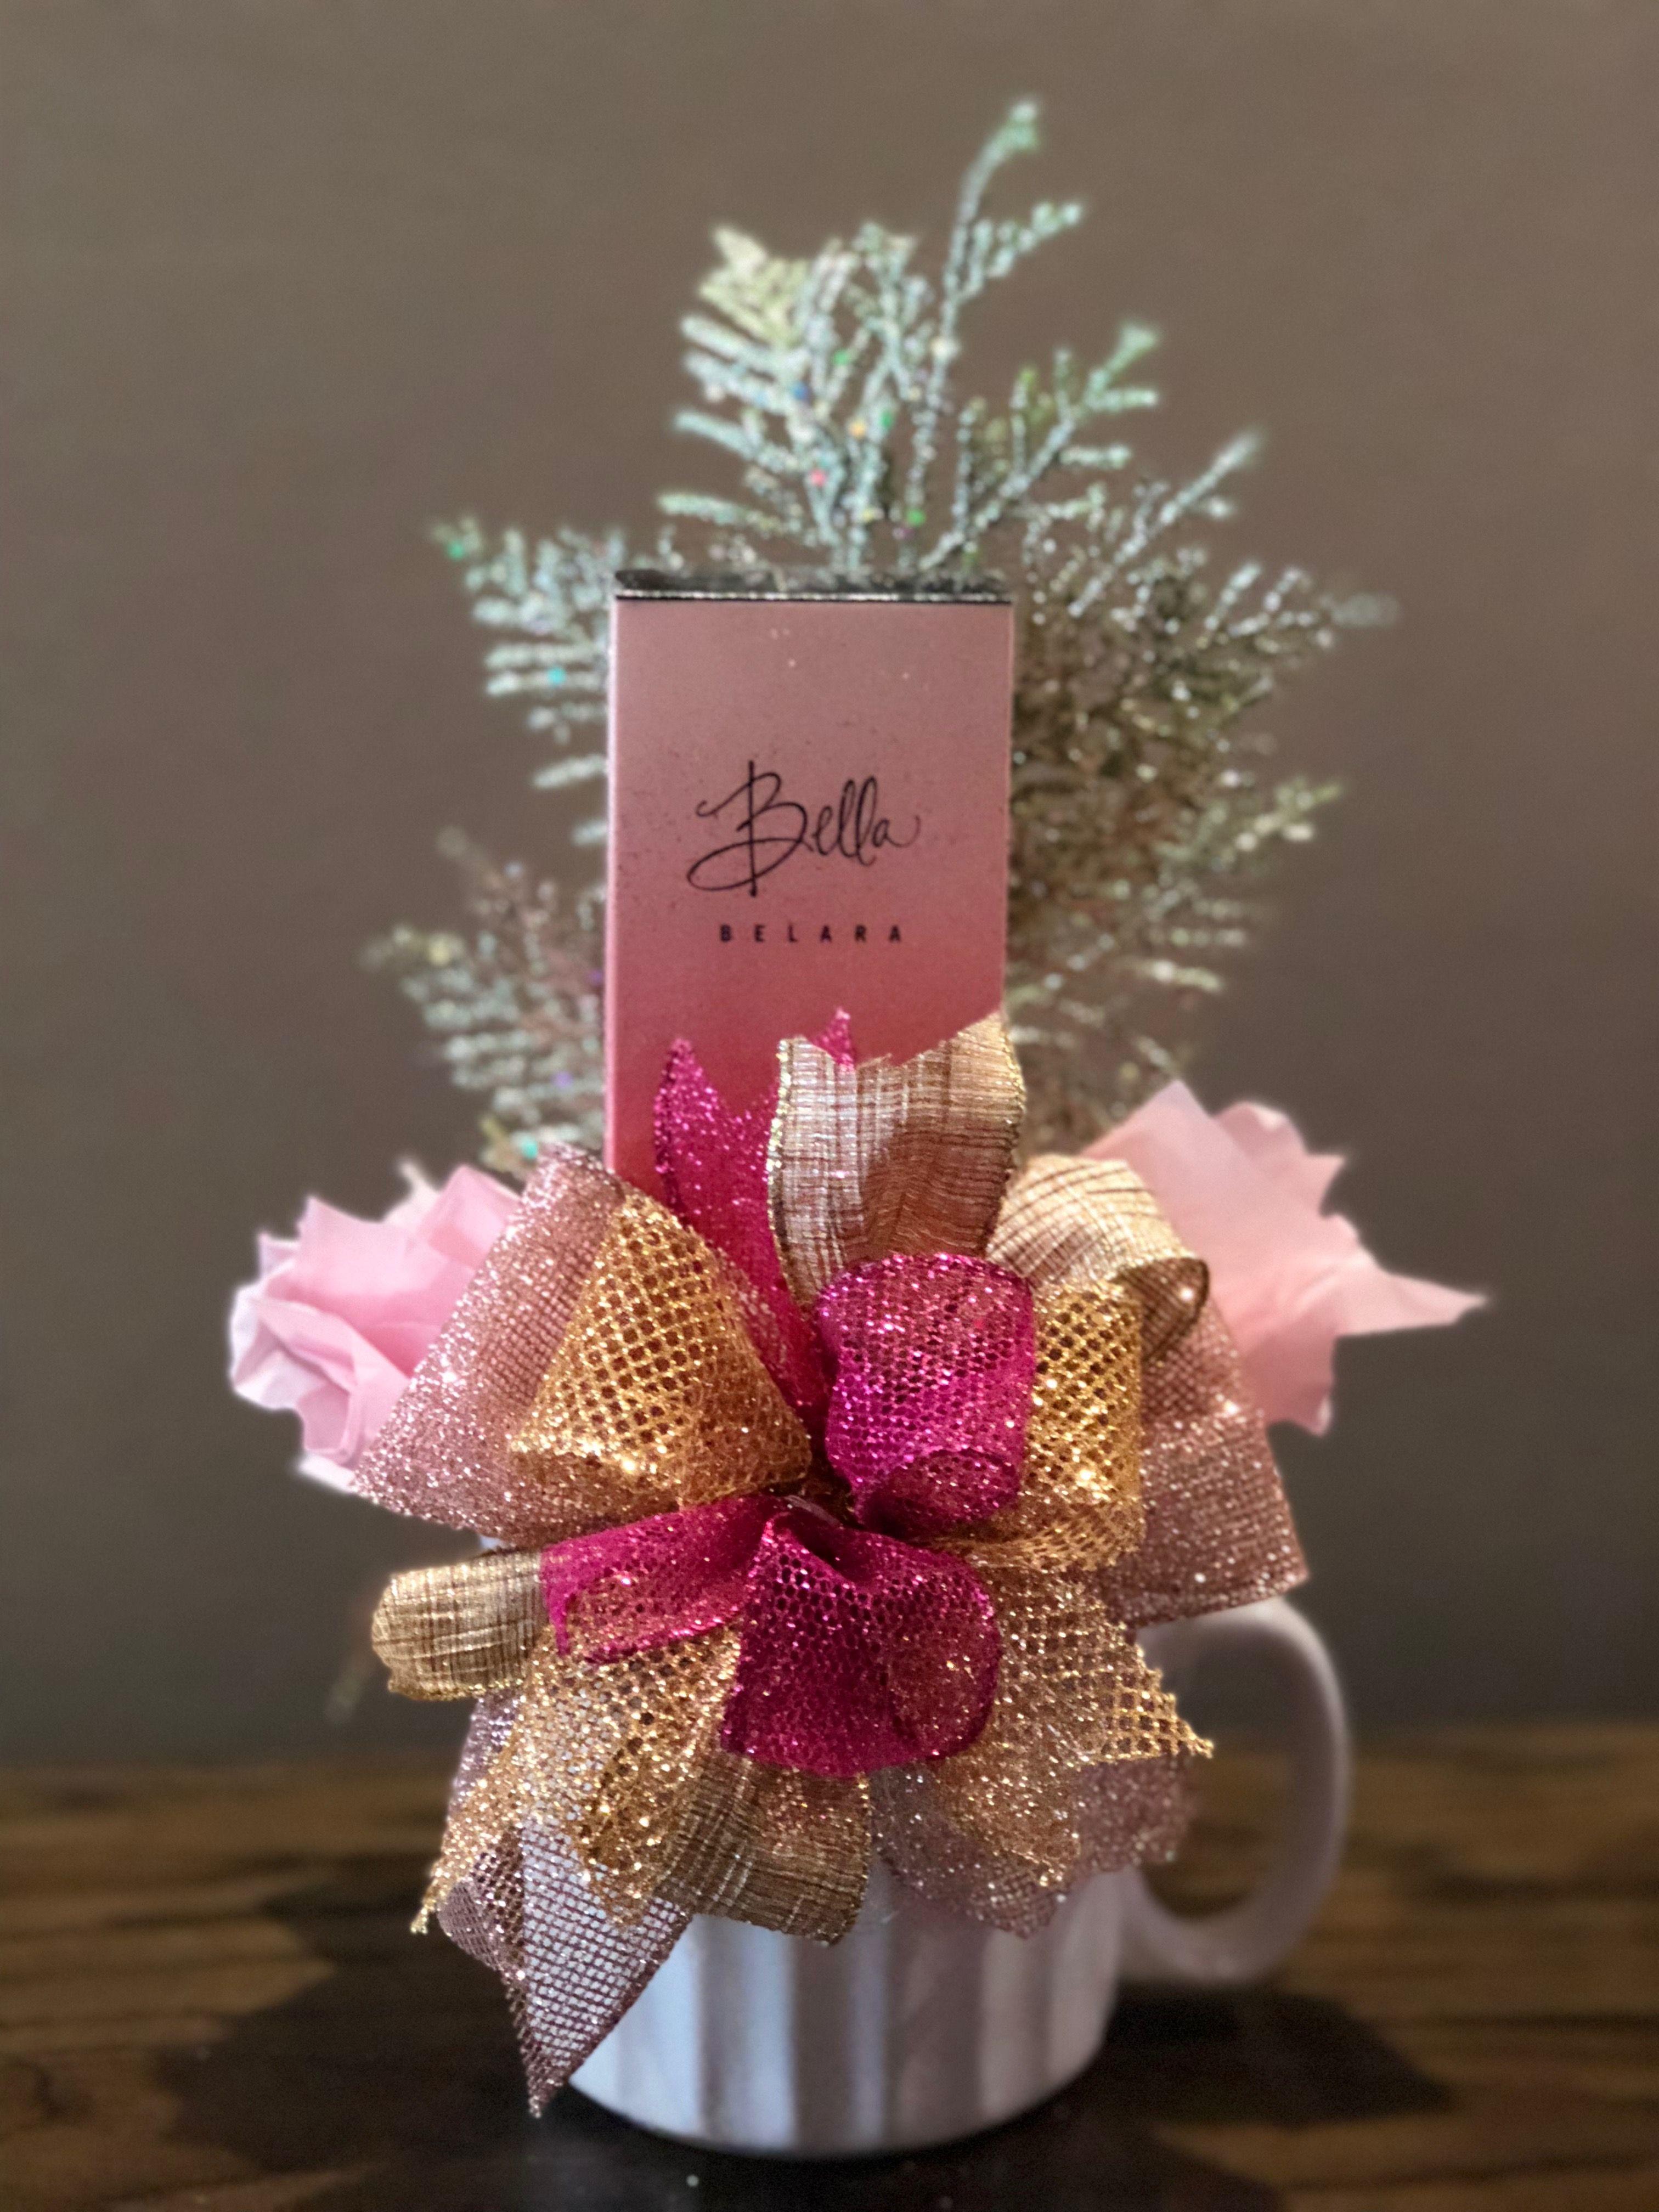 Pin von Oplada Lev auf подарки | Pinterest | Geschenke ...